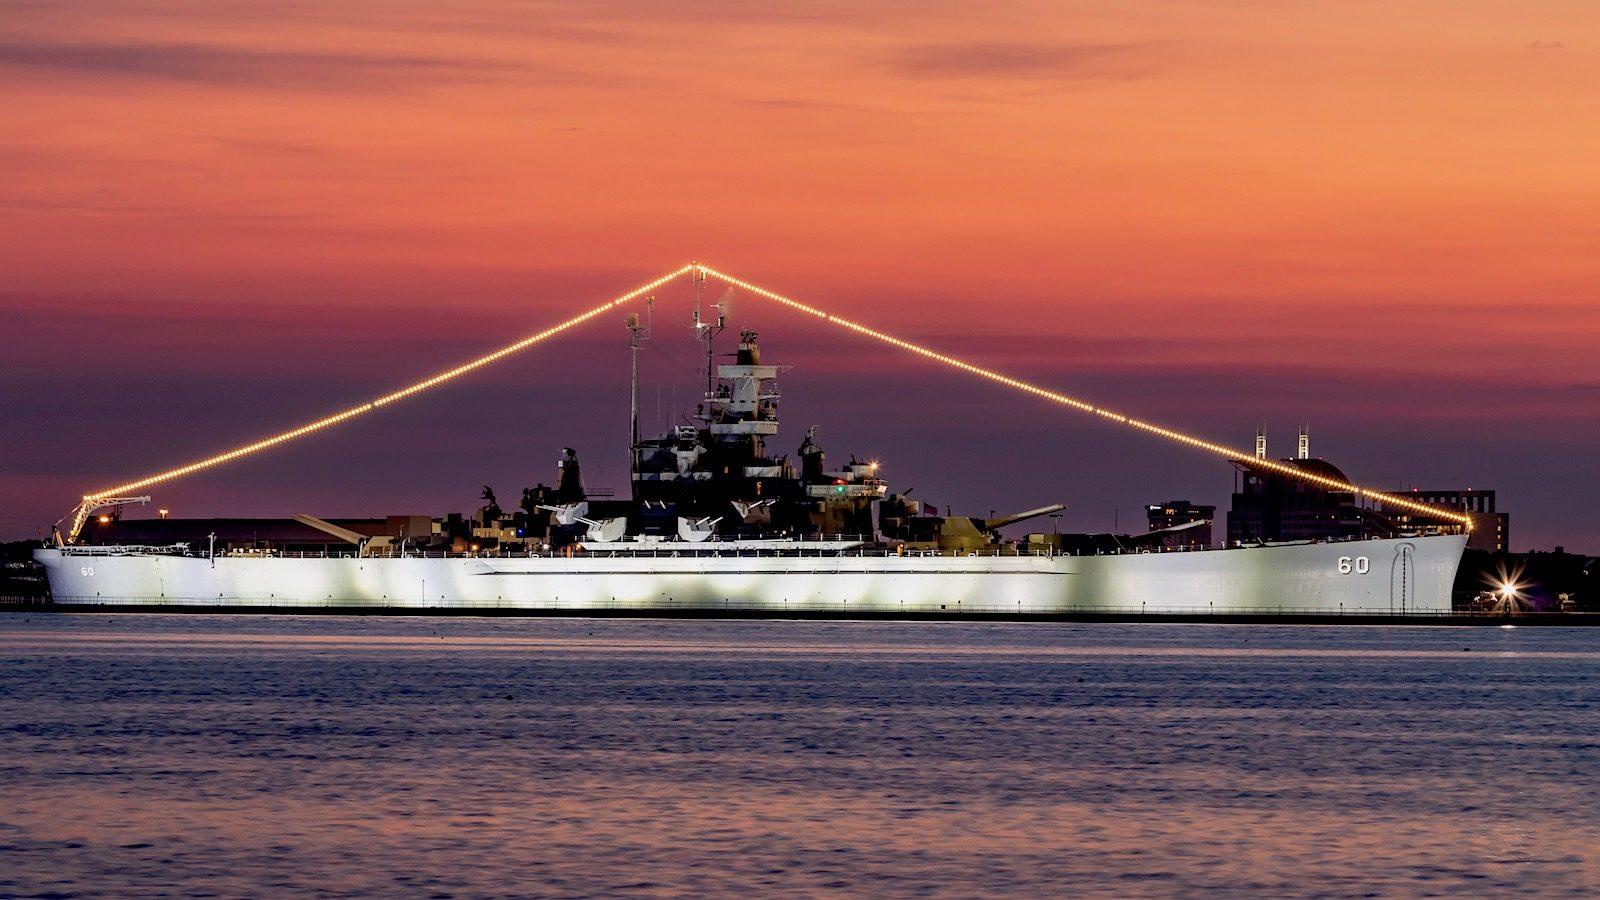 USS Alabama after sunset